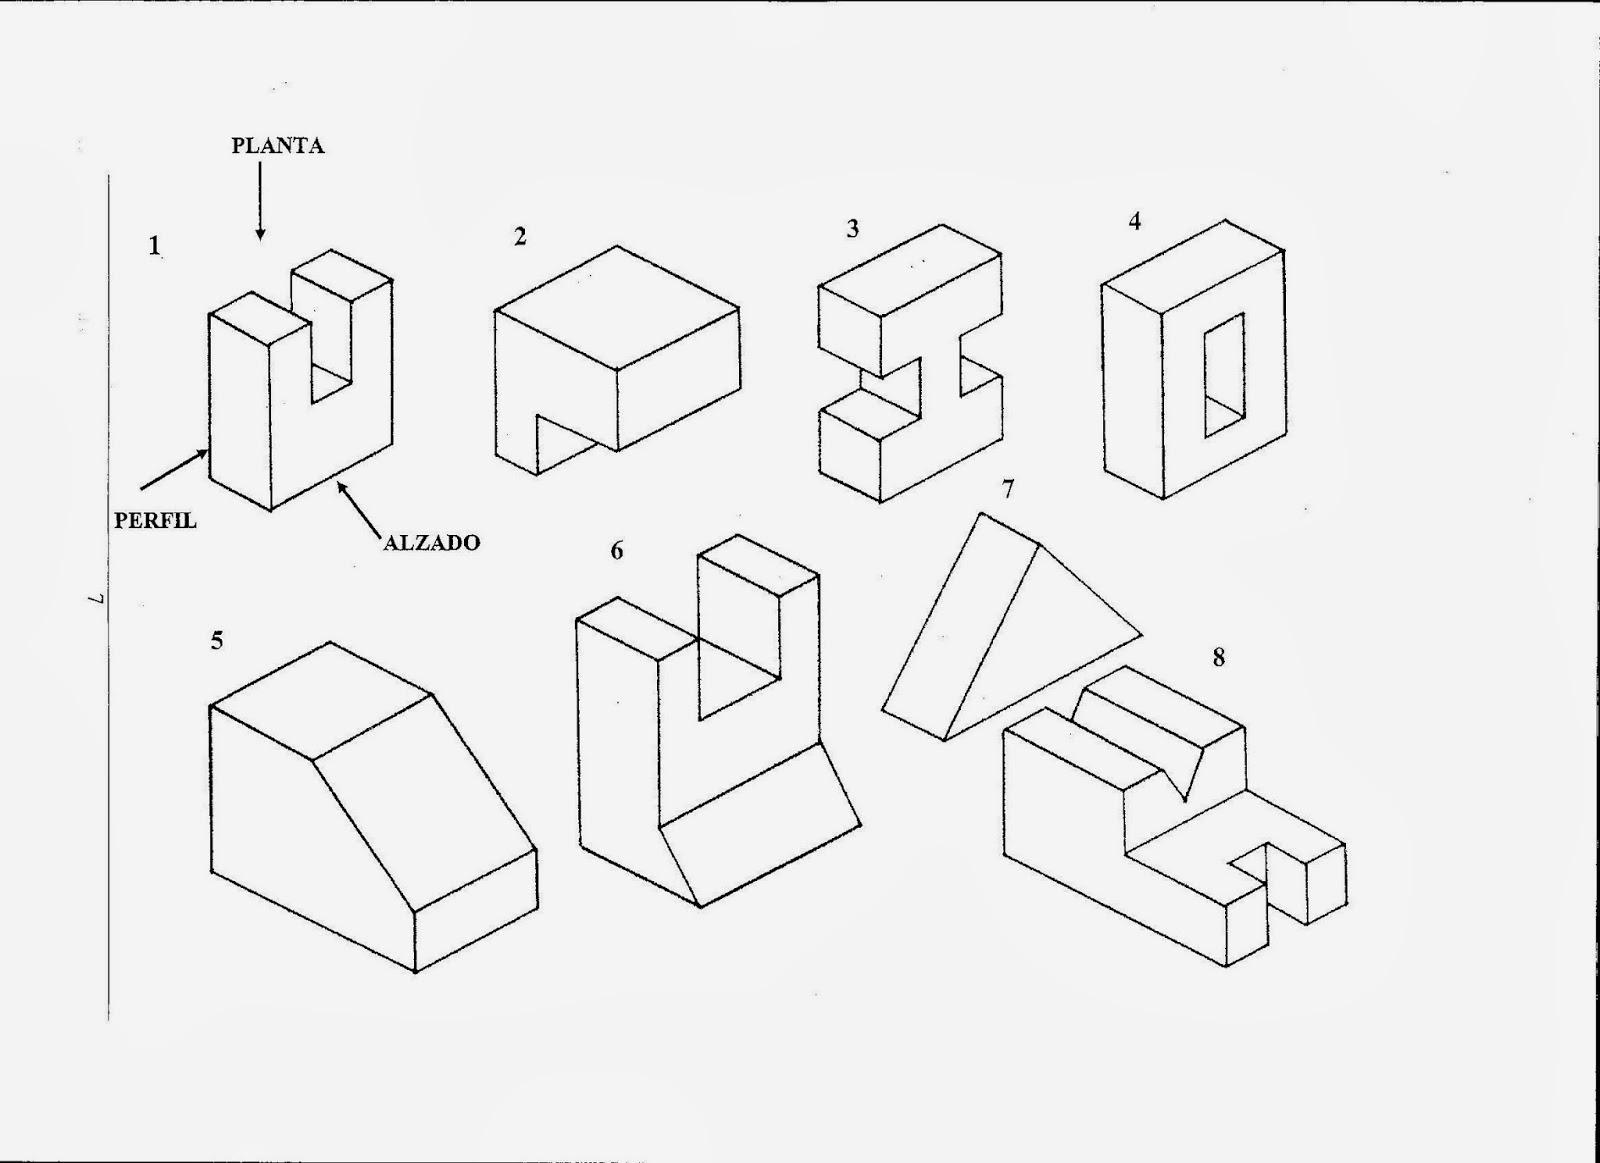 komatsu bedradingsschema de enkelpolige schakeling